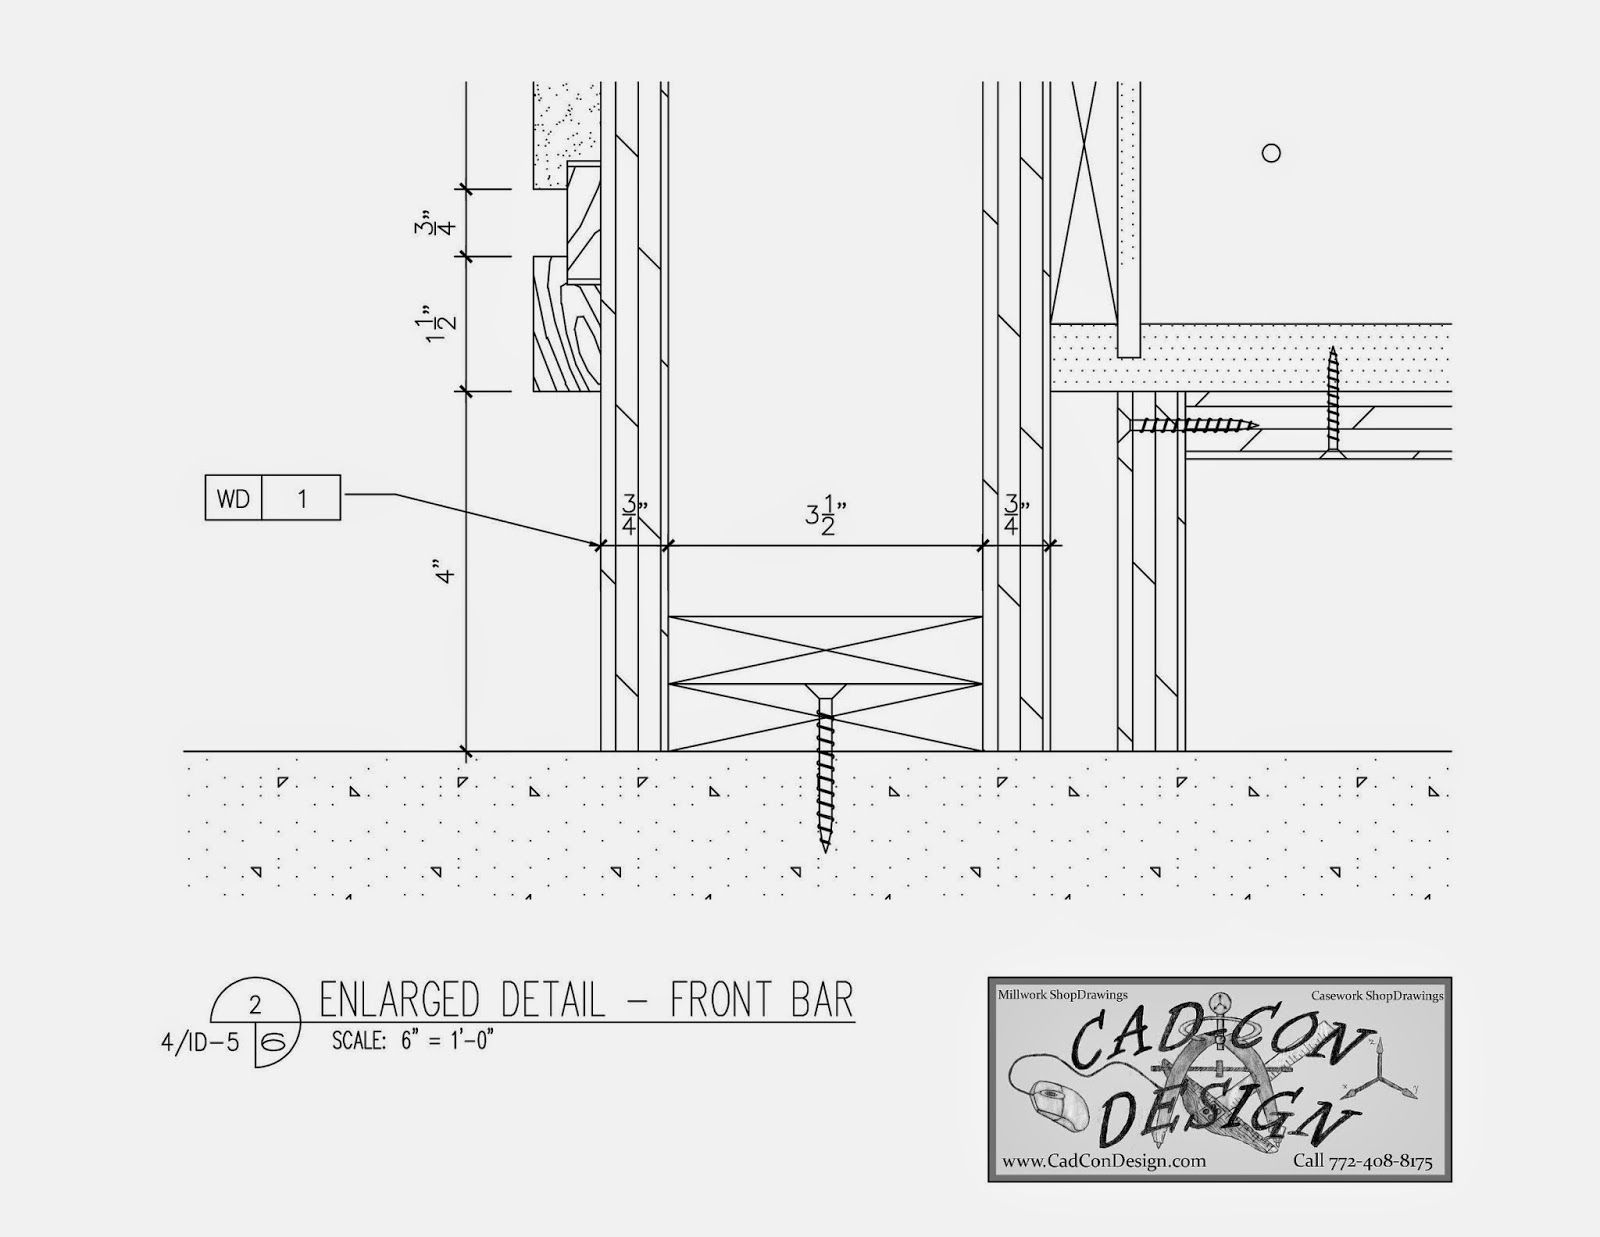 Pin Oleh Sisca Natalia Di Mebel Design Inspiration Di 2019